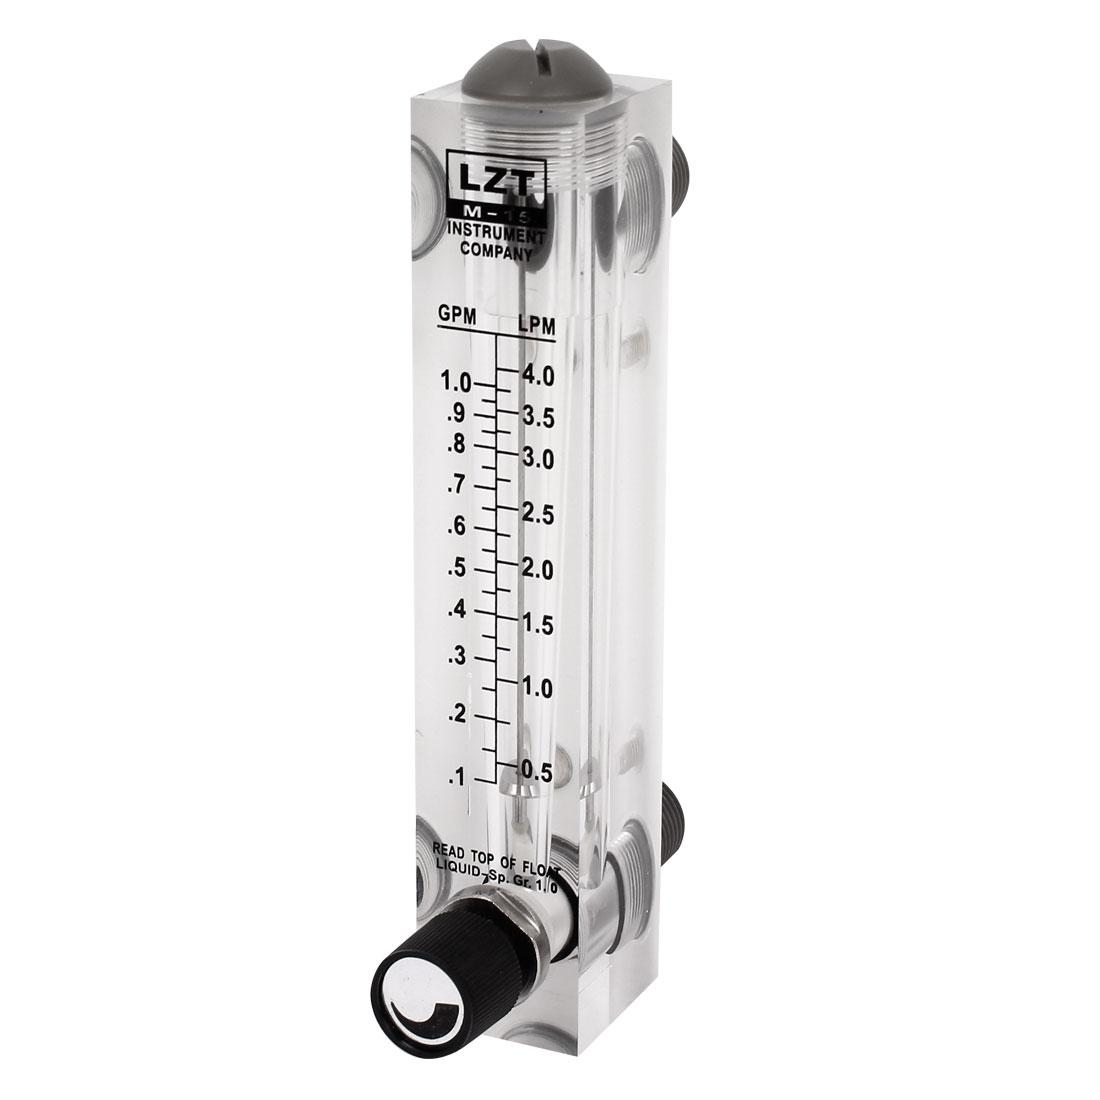 LZT M-15 1/2BSP 21mm Thread Water Liquid Flow Measuring Panel Type Flowmeter